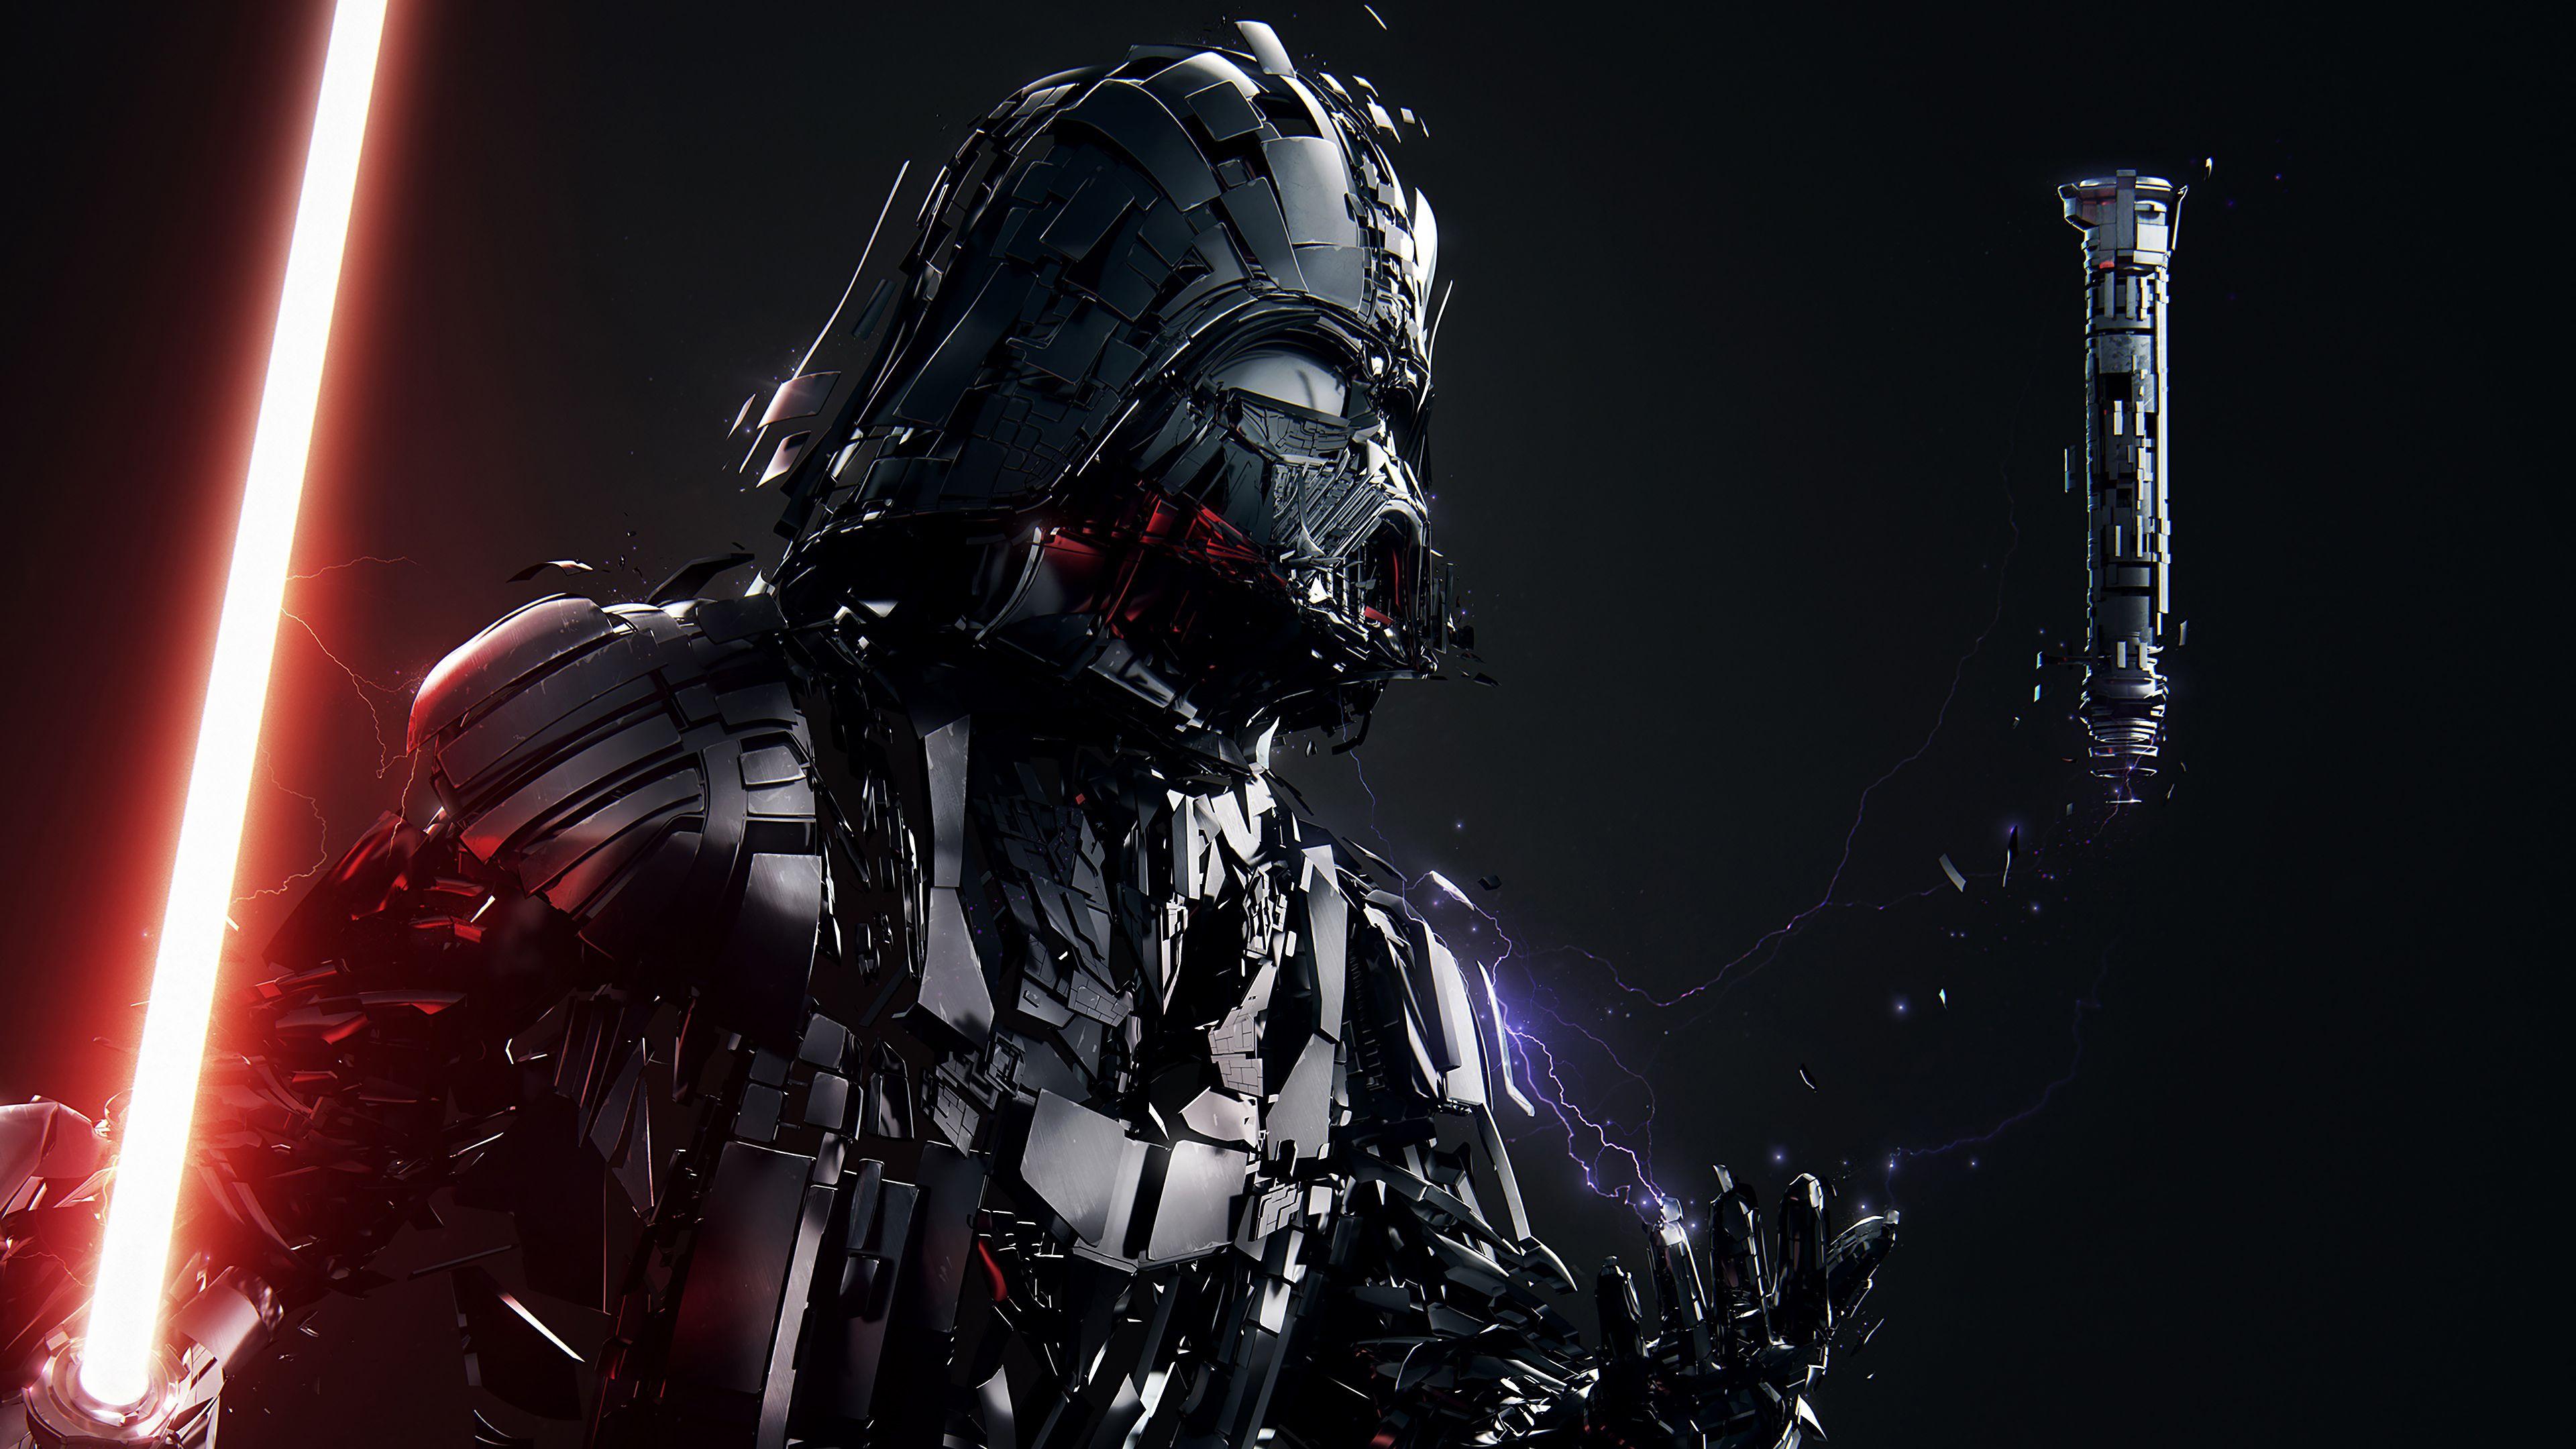 Star Wars Wallpaper 9 16 Data Src Darth Vader 4k 2560x1600 Download Hd Wallpaper Wallpapertip